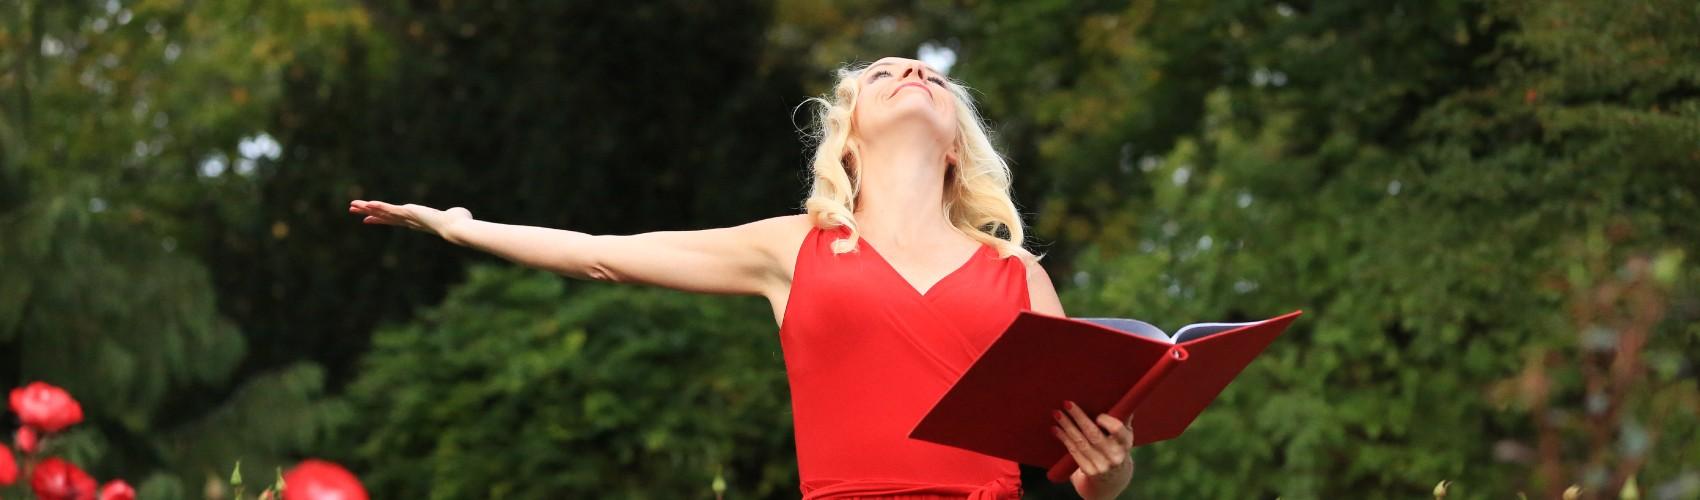 Trauredner München, Traurednerin Anja Hackl, spricht ung singt auf Eurer freien Trauung